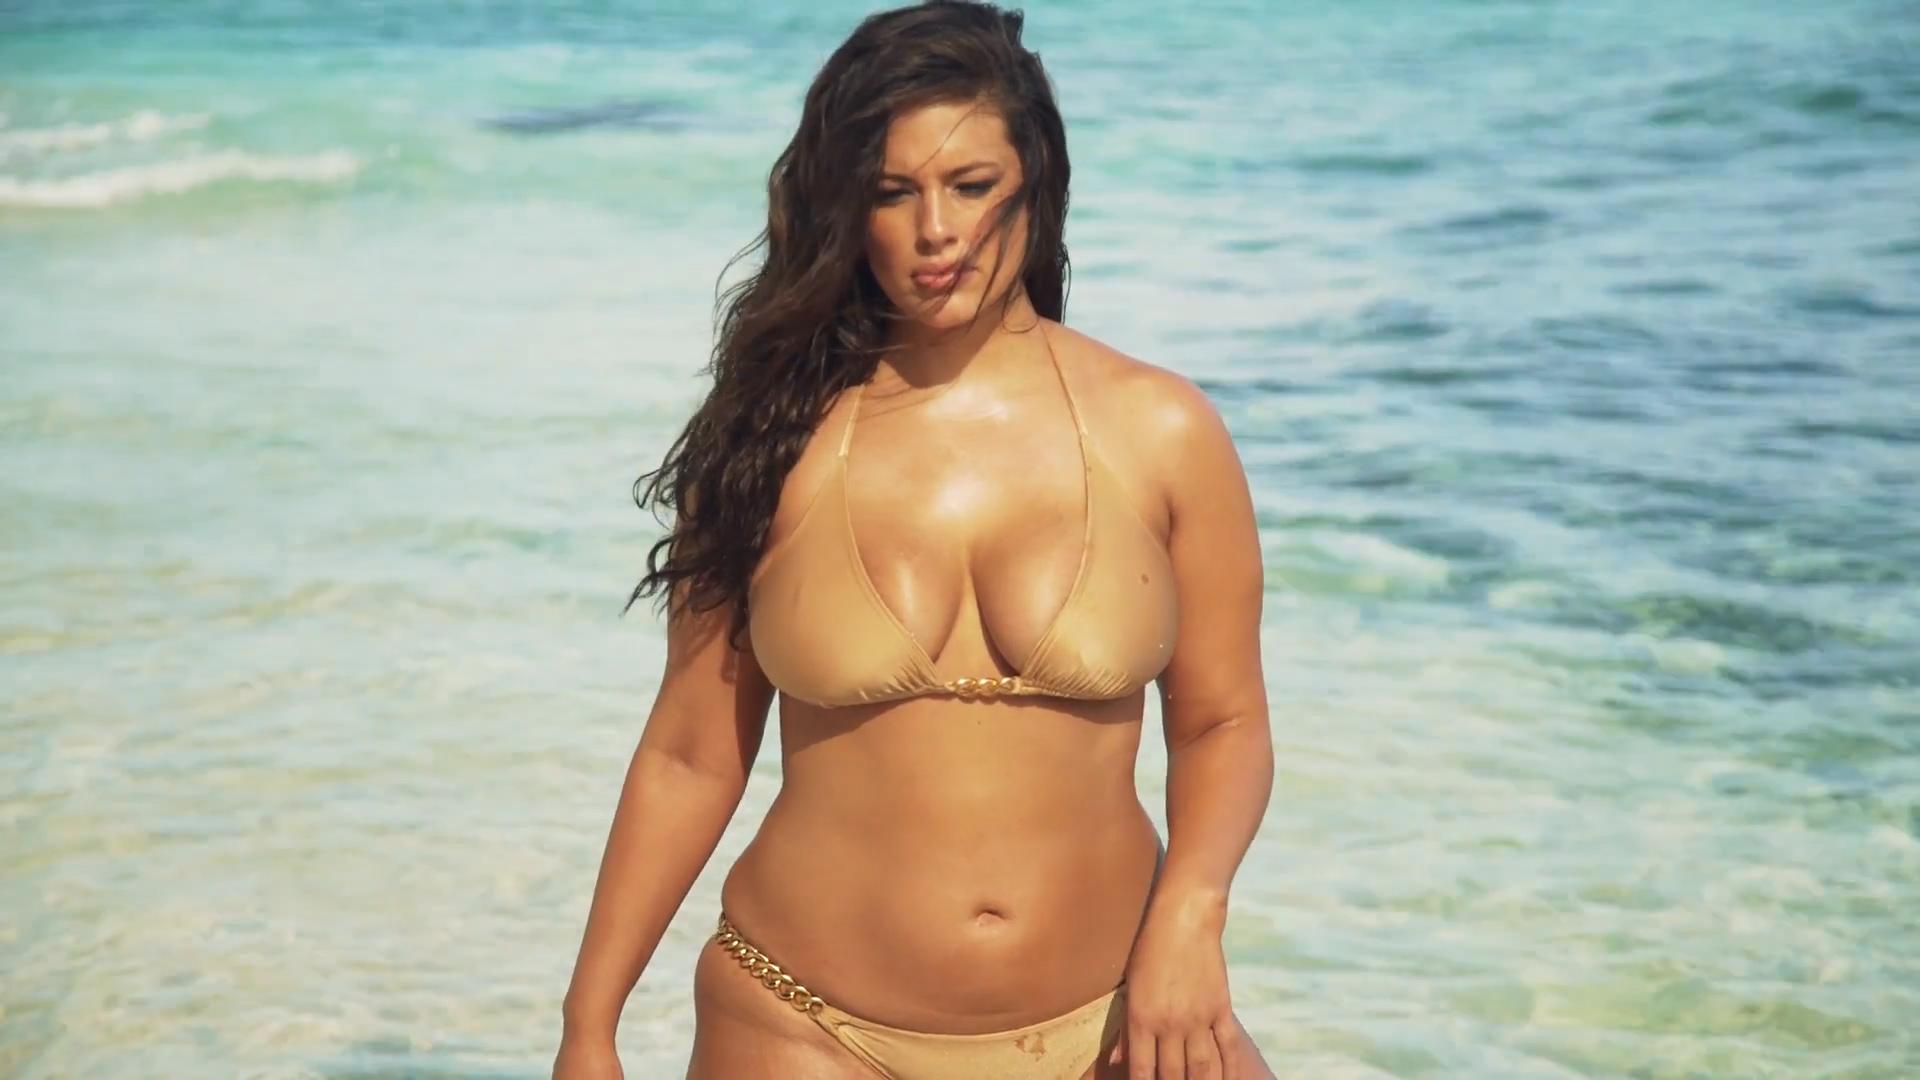 Ashely Graham in a golden bikini.jpg